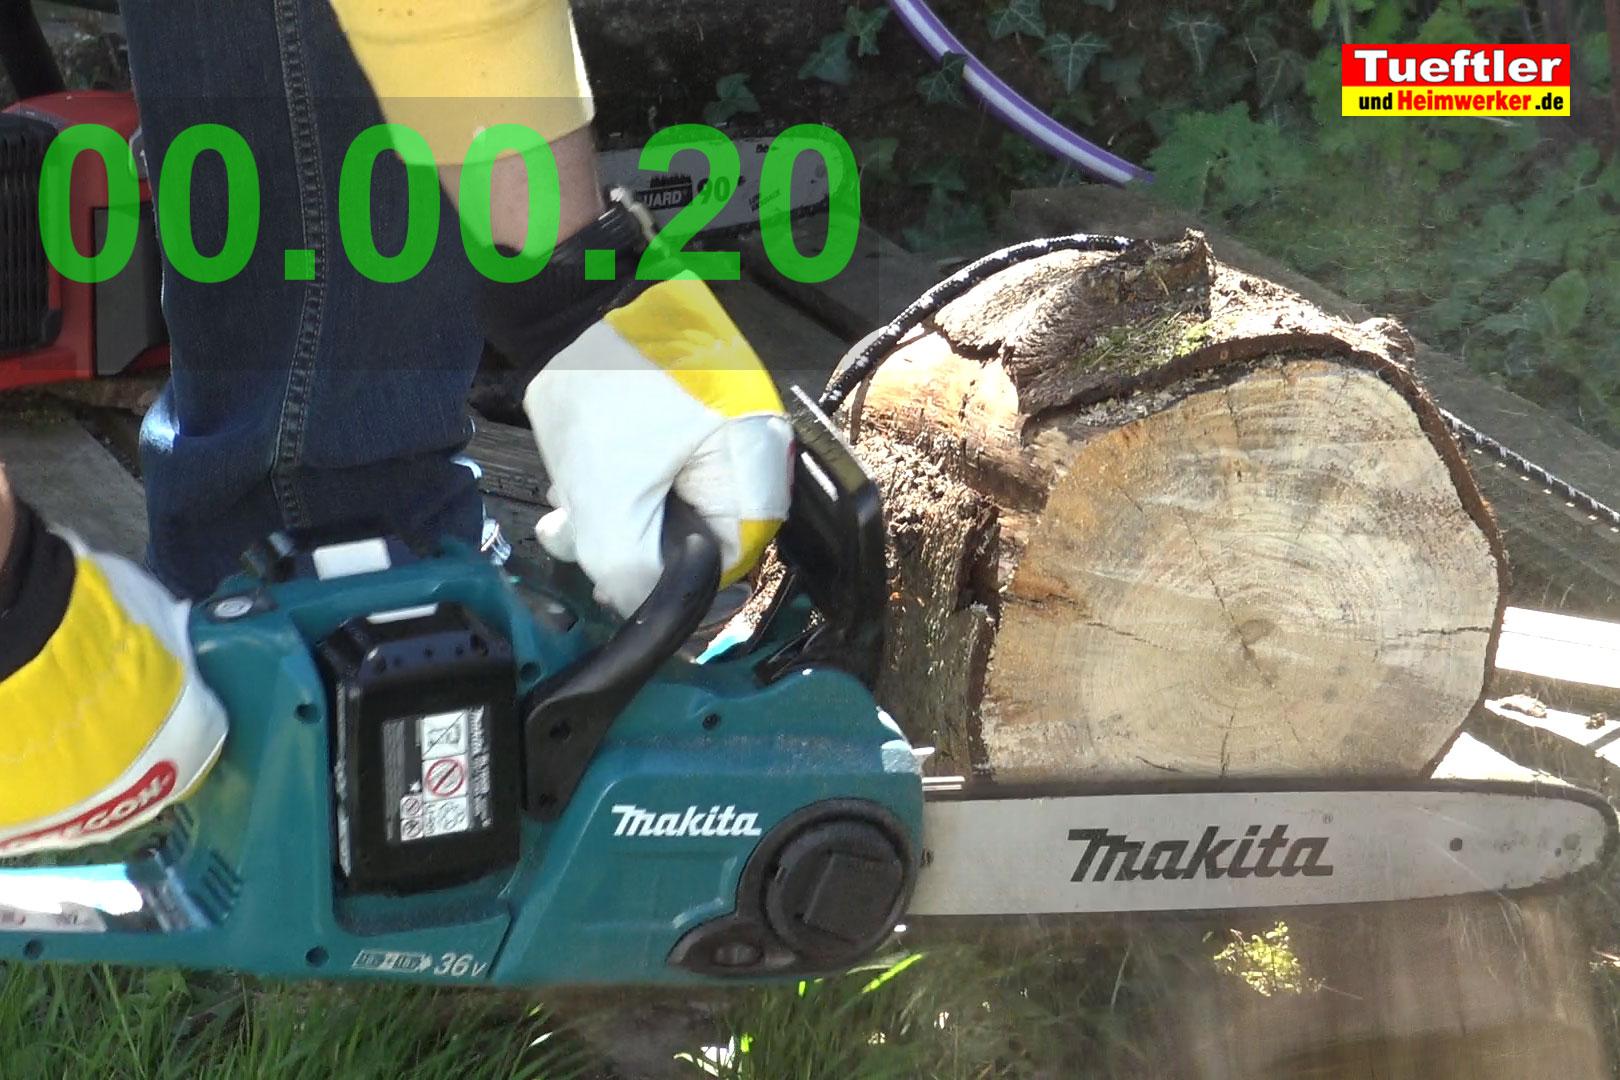 Makita-DUC353PT2-Test-DUC353Z-Schnittzeit